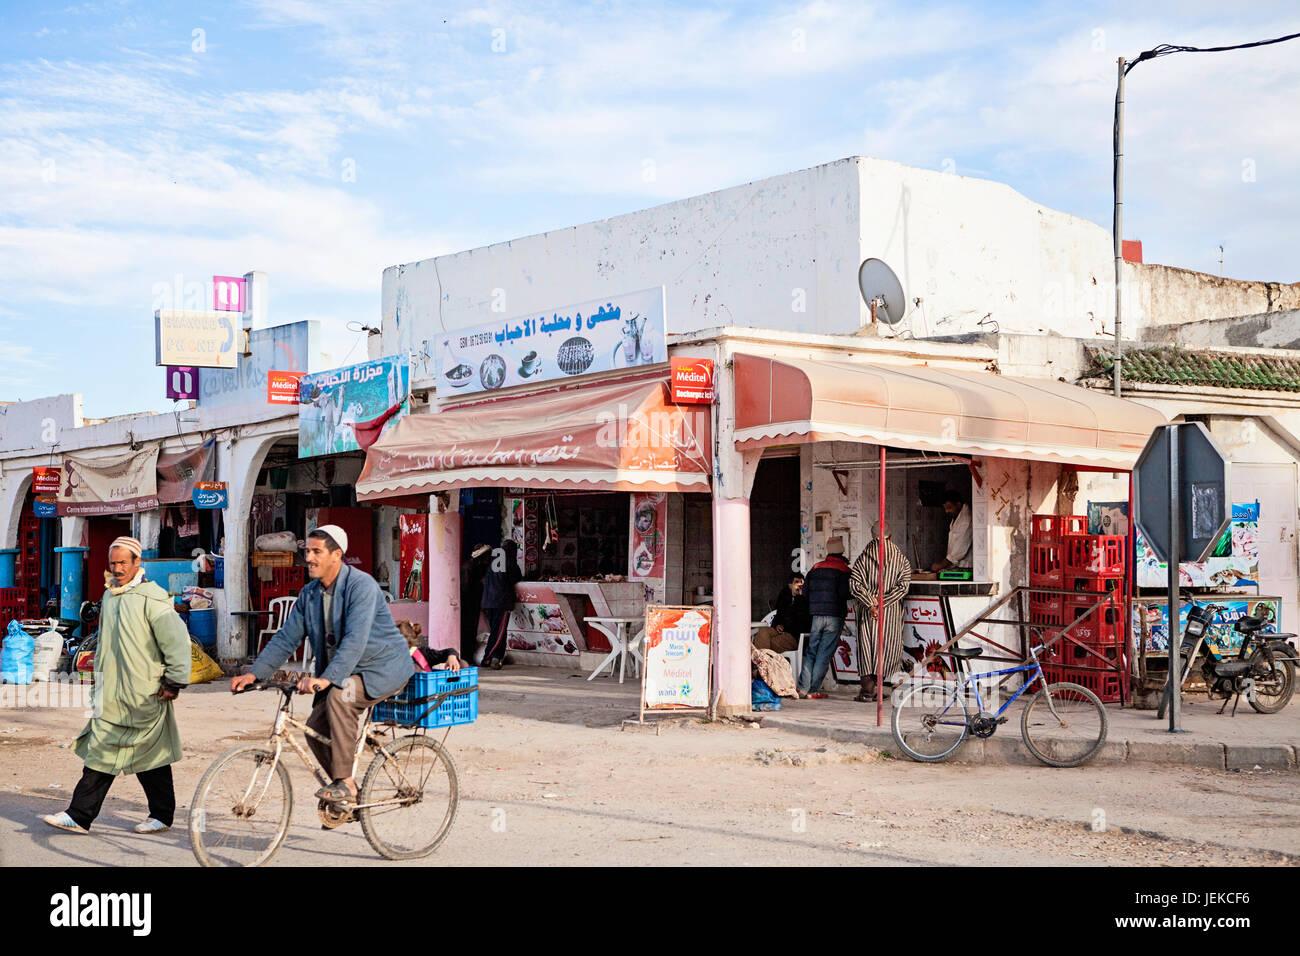 Les petites villes au Maroc. Rues de boutiques et de la vie quotidienne. Photo Stock